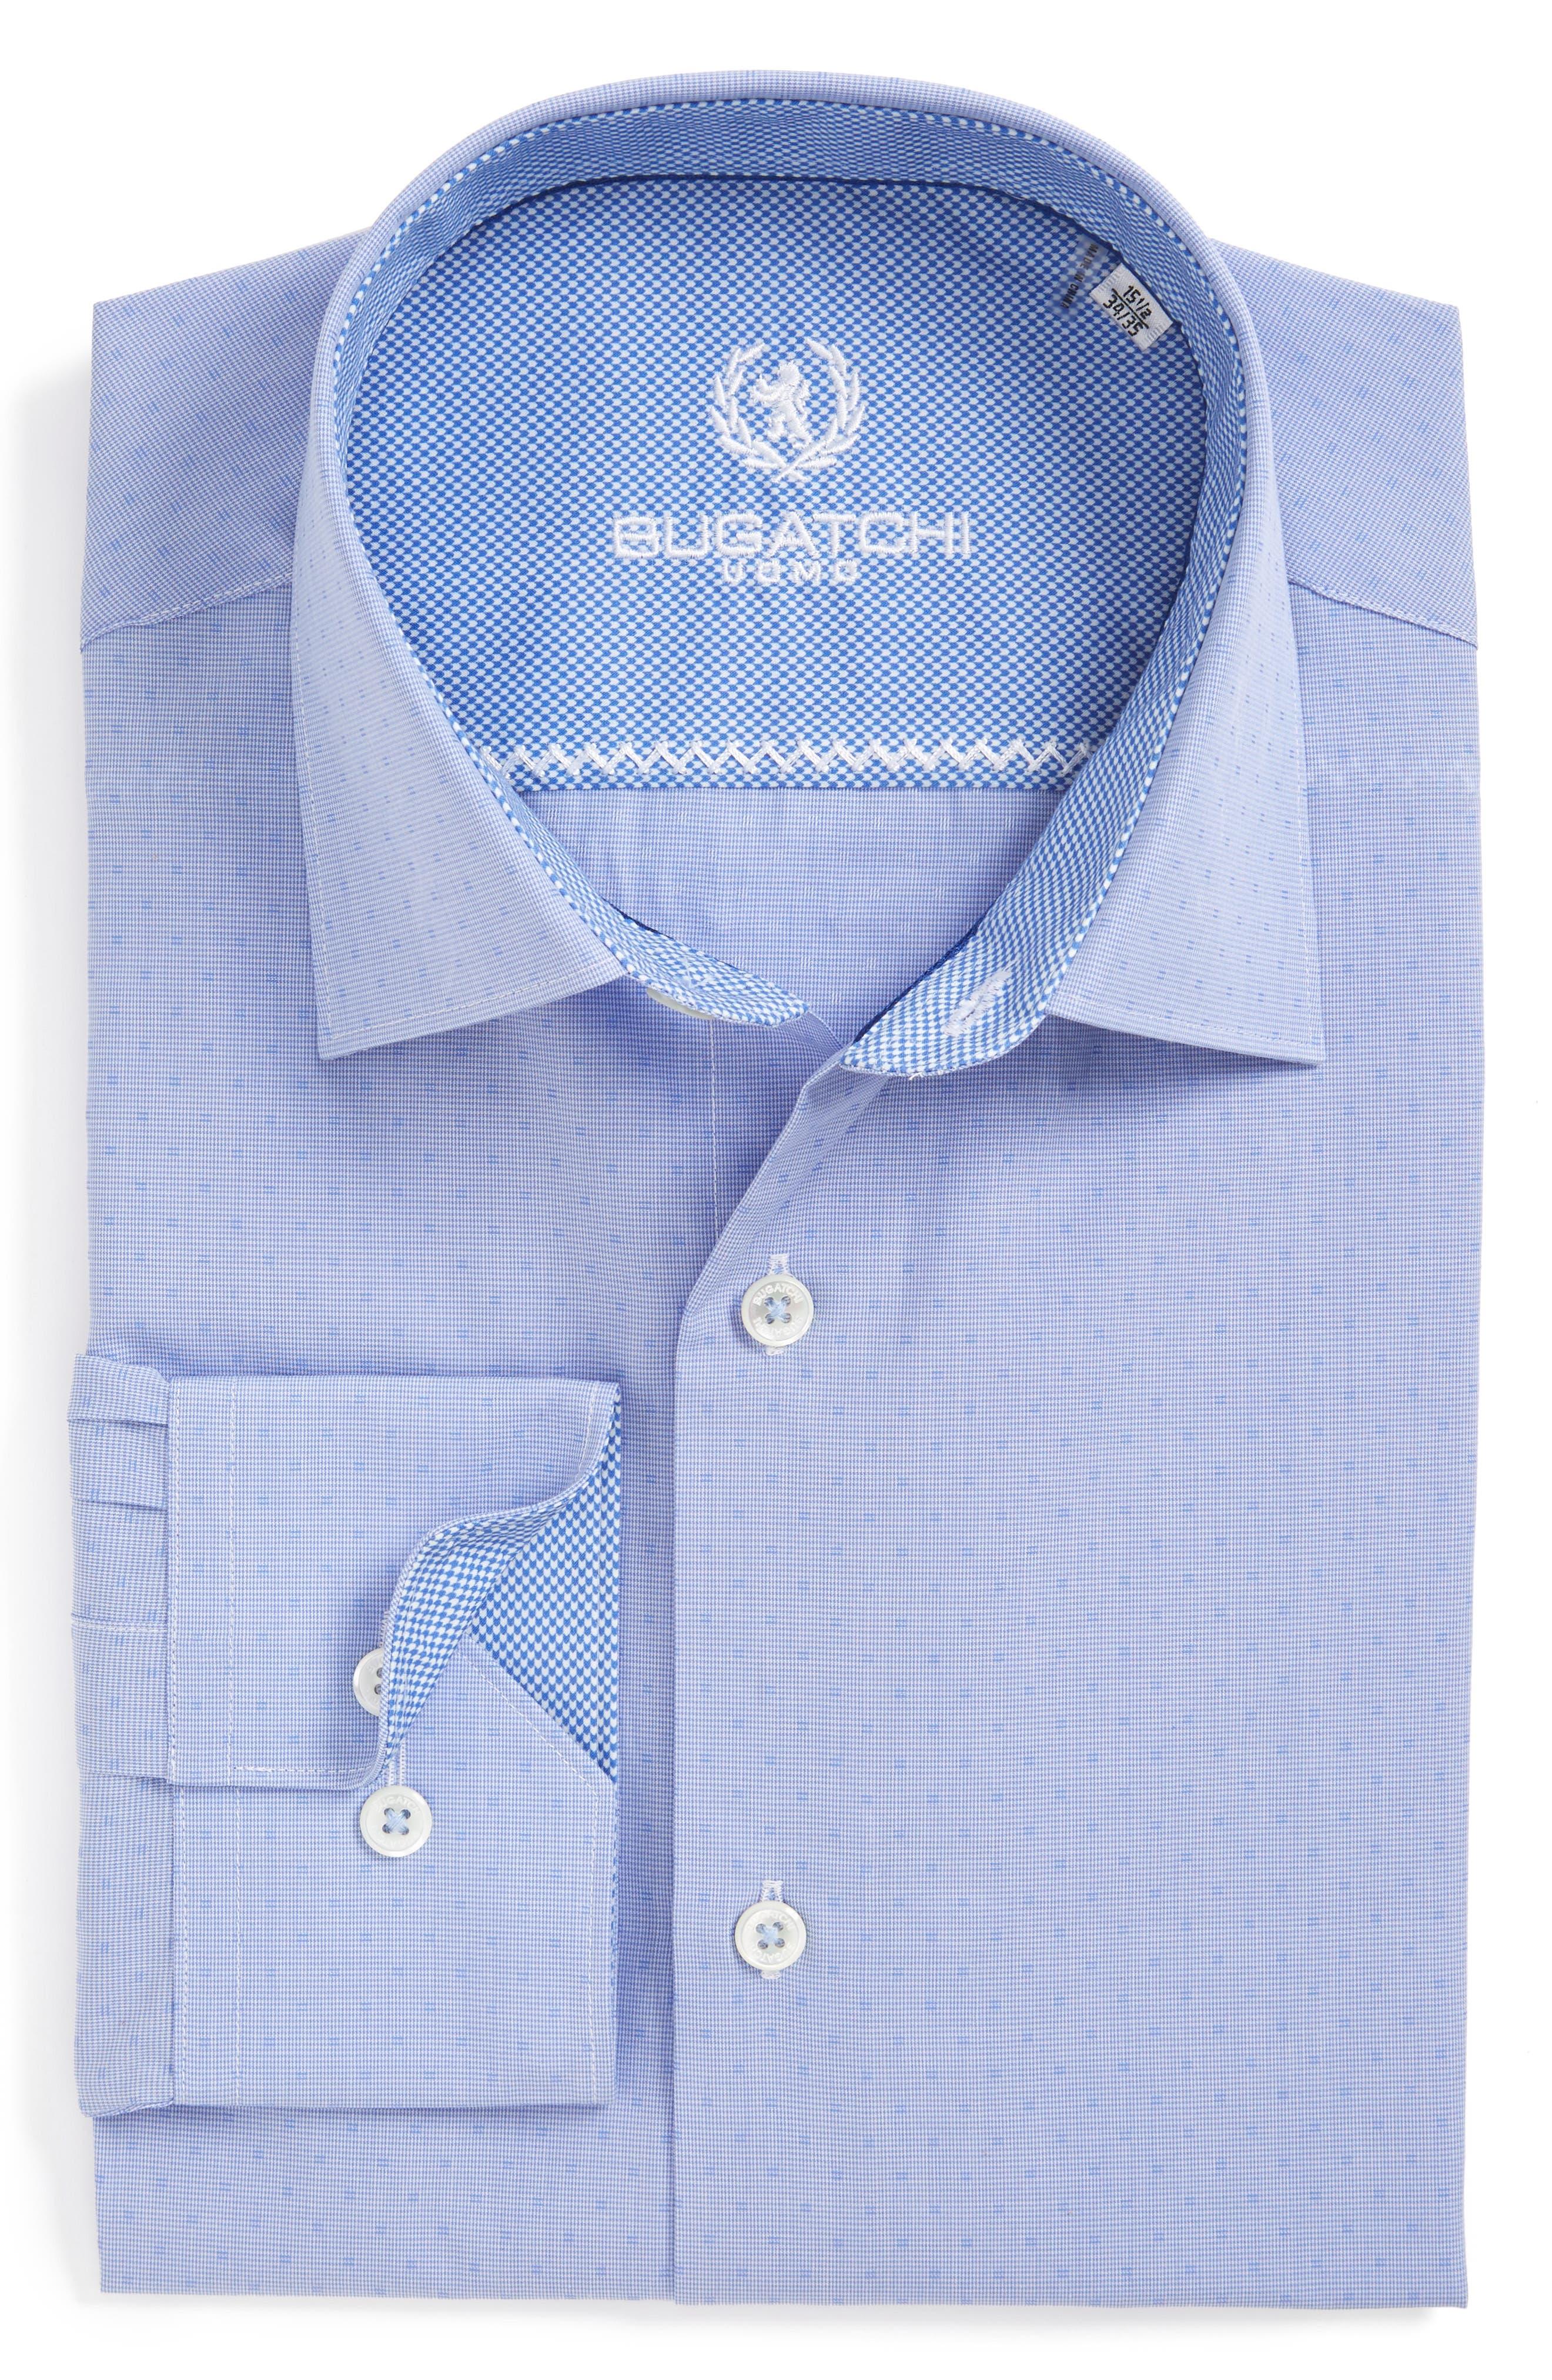 Trim Fit Dot Dress Shirt,                         Main,                         color, Classic Blue